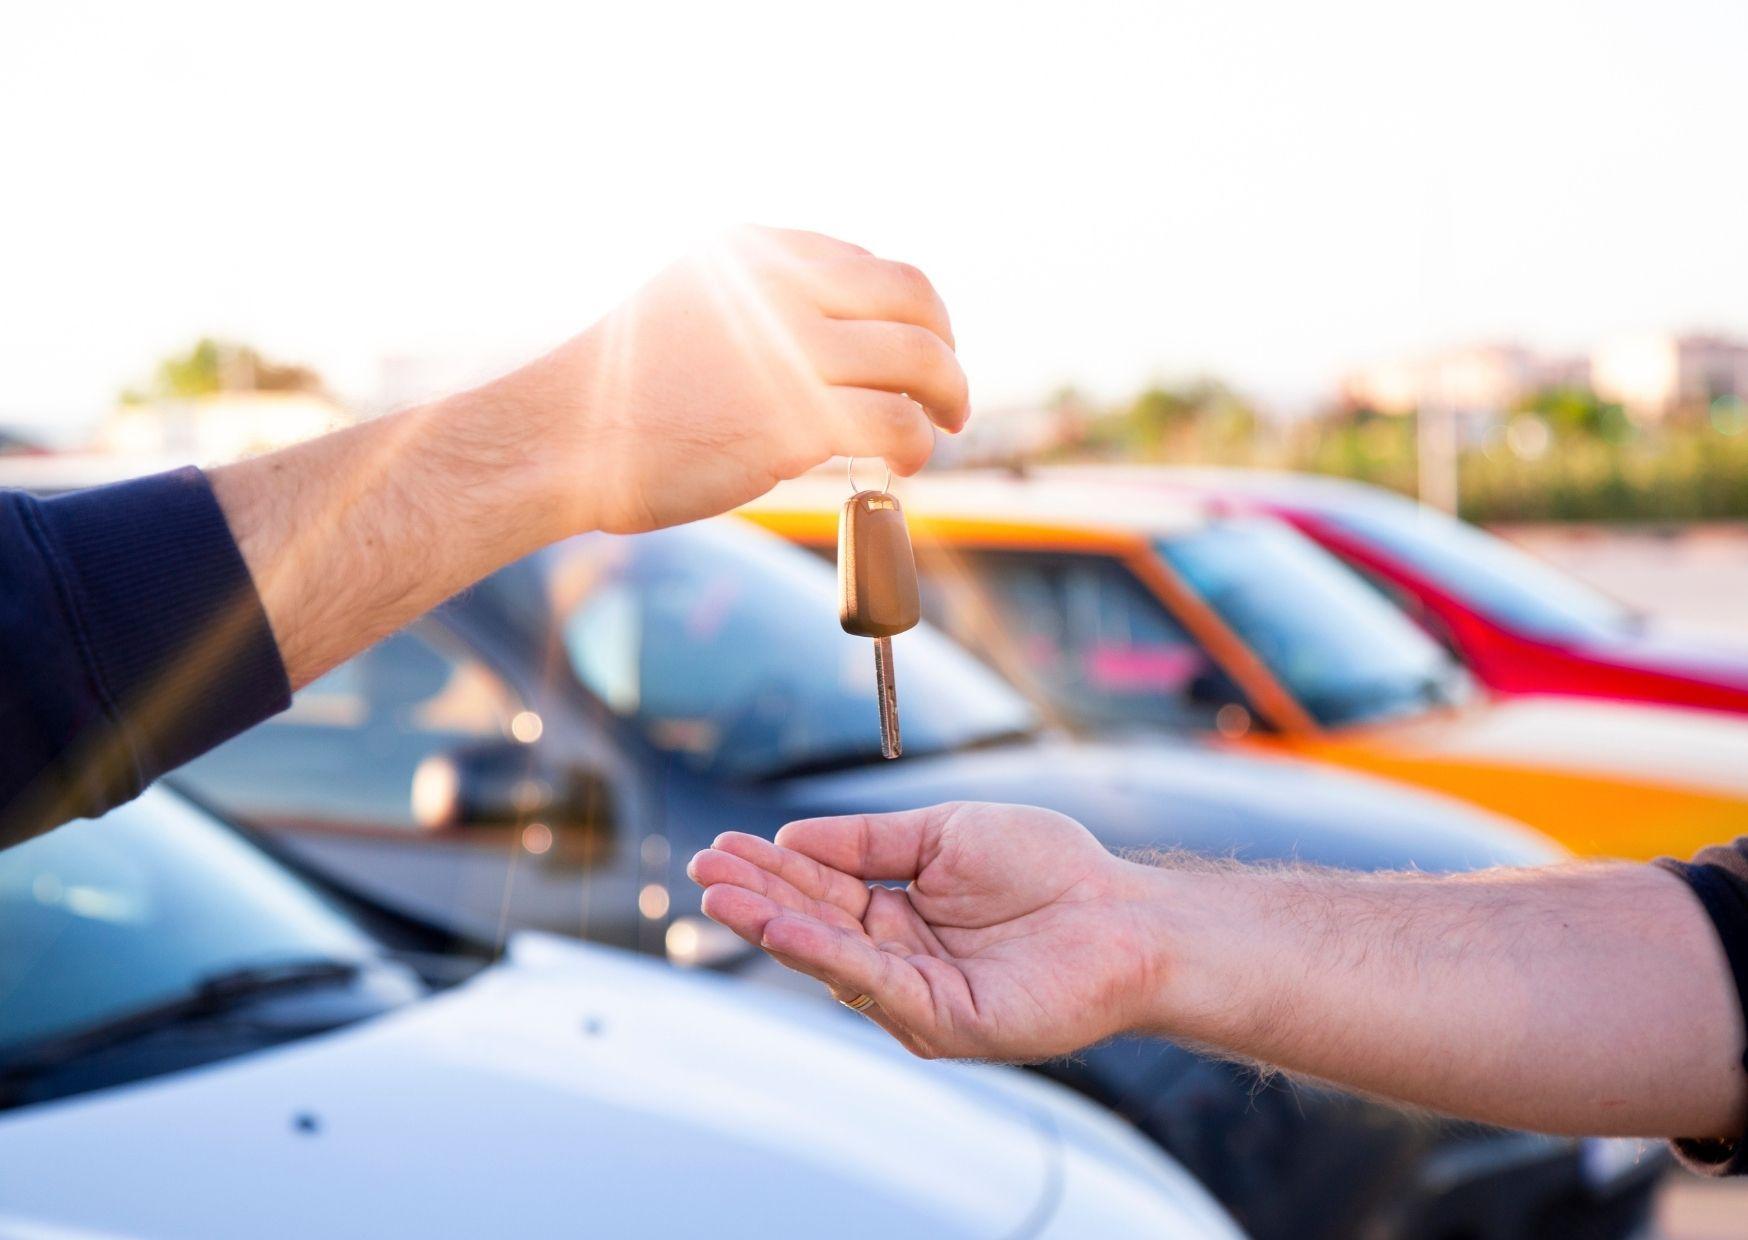 Te samochody sprzedają się najszybciej. Trudniej sprzedać volvo czy bmw - Zdjęcie główne